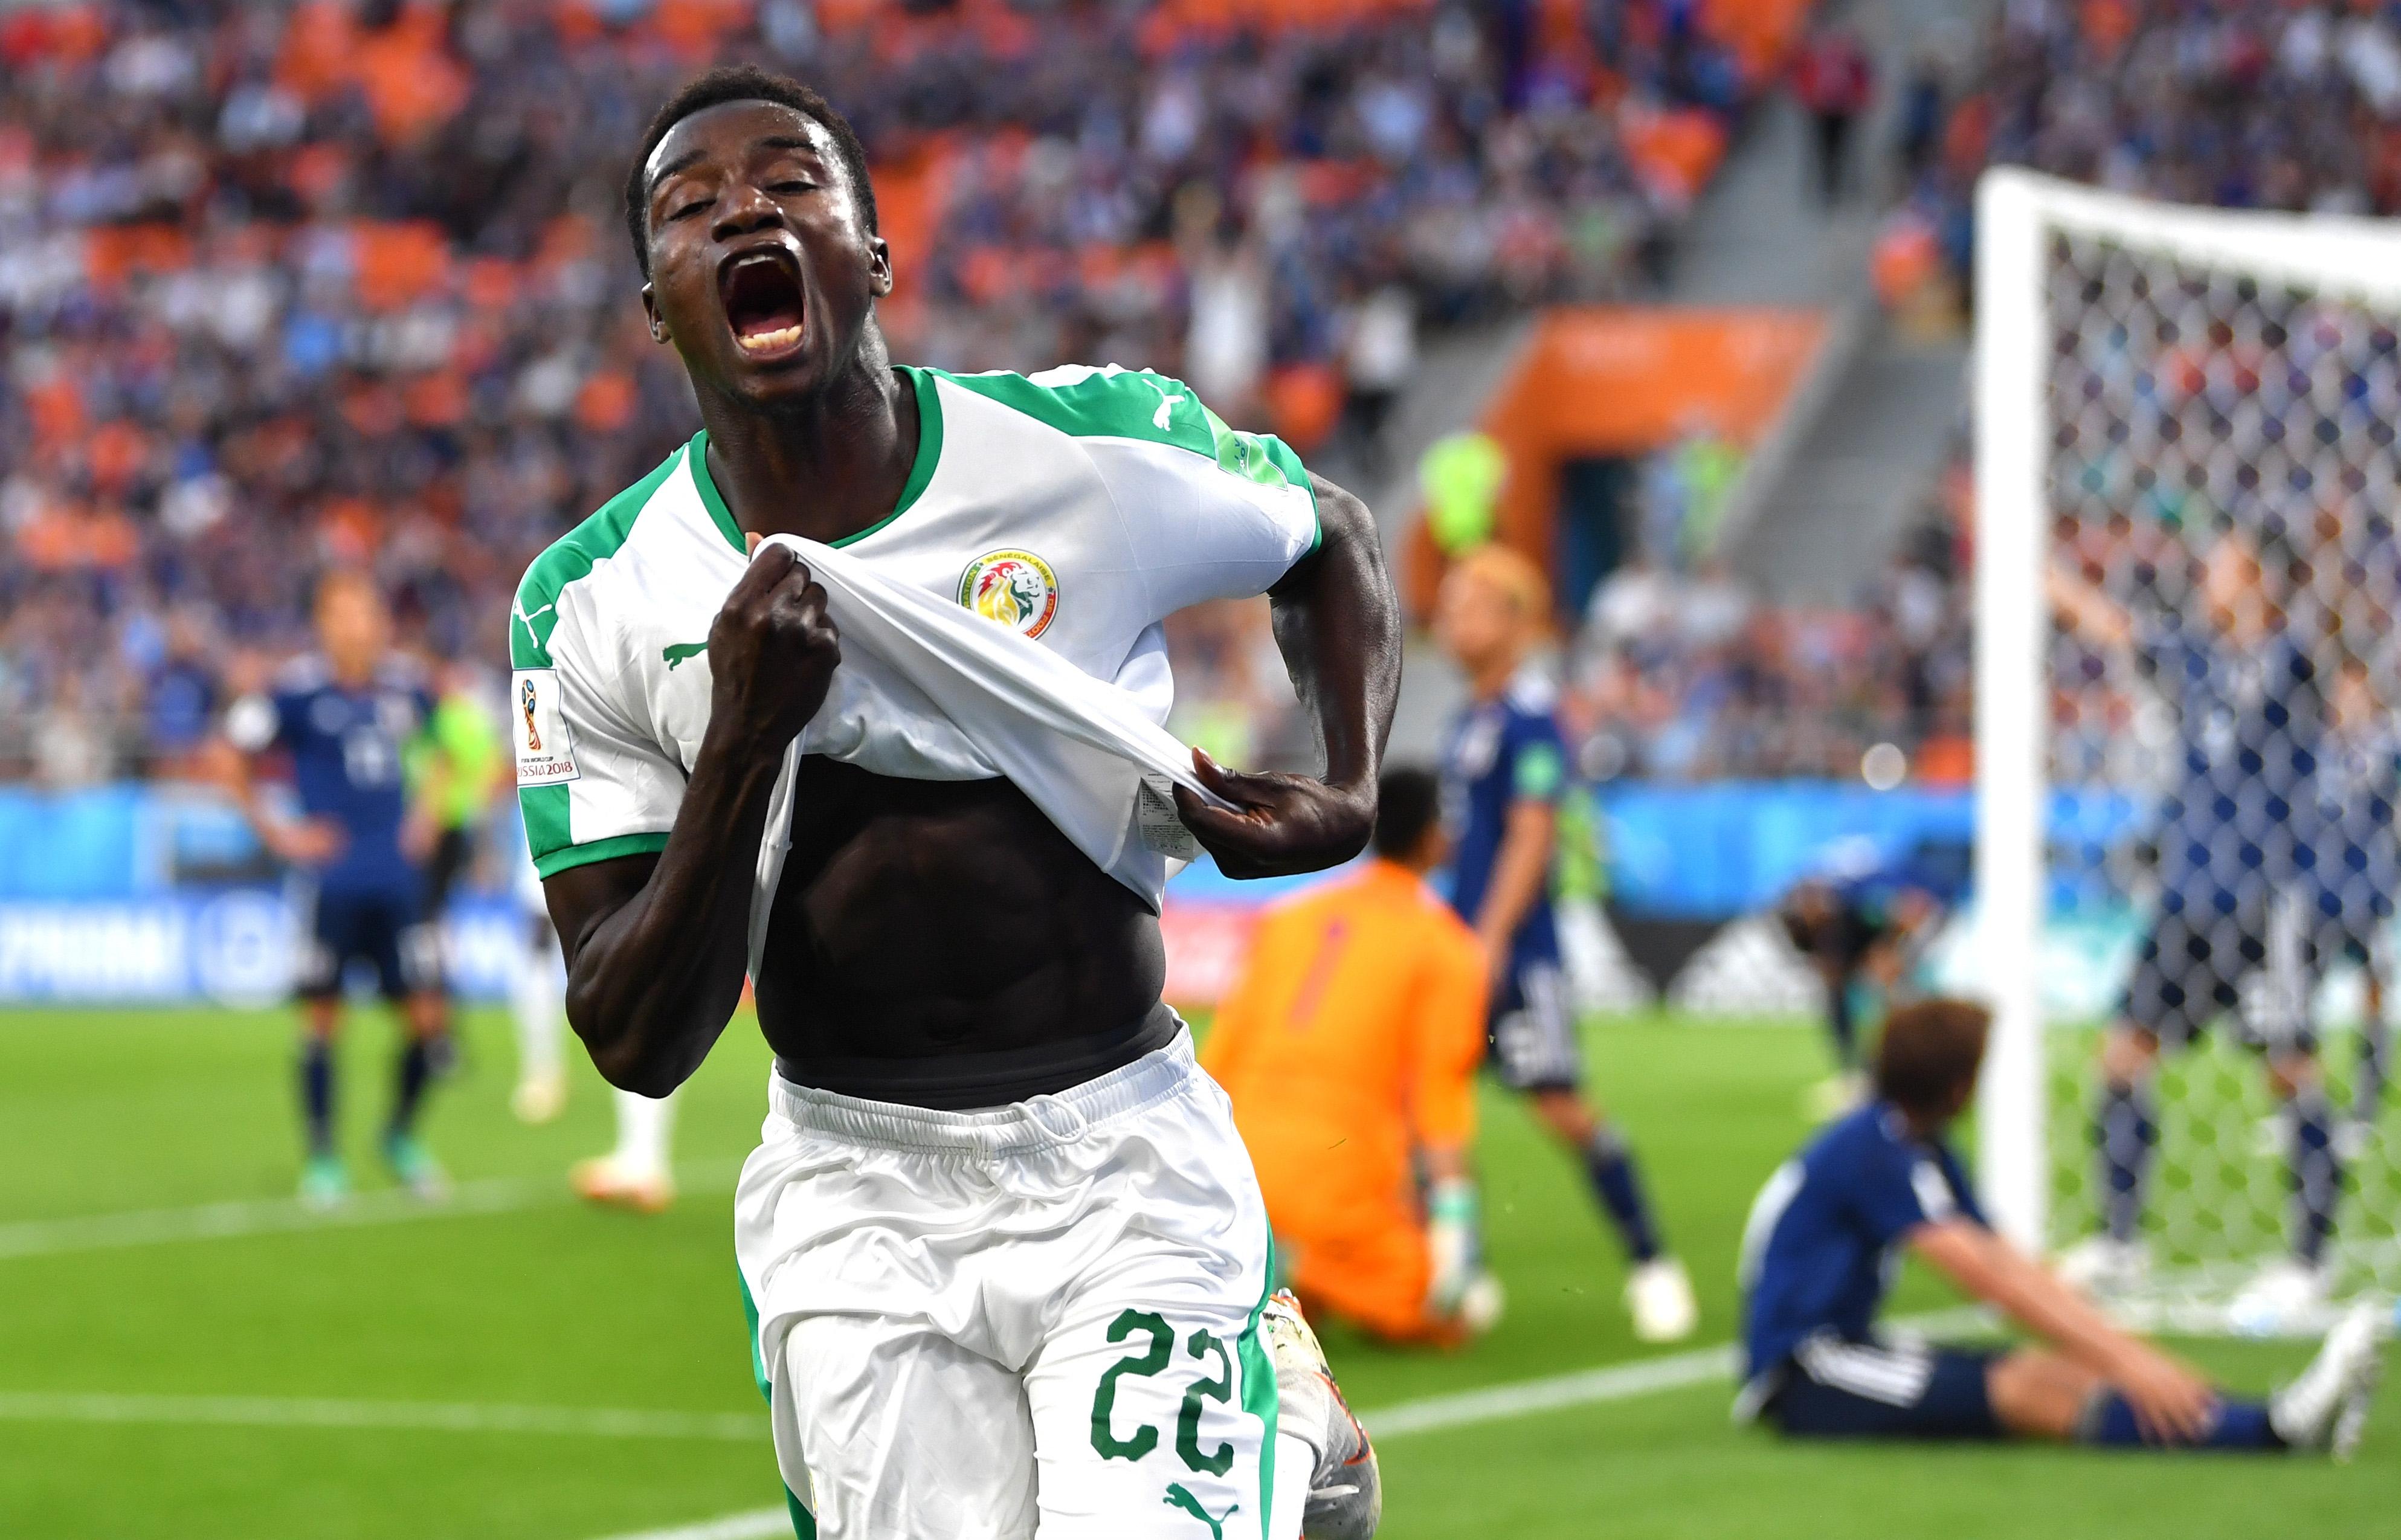 Защитникът на Сенегал Муса Уаге смята, че тимът му е